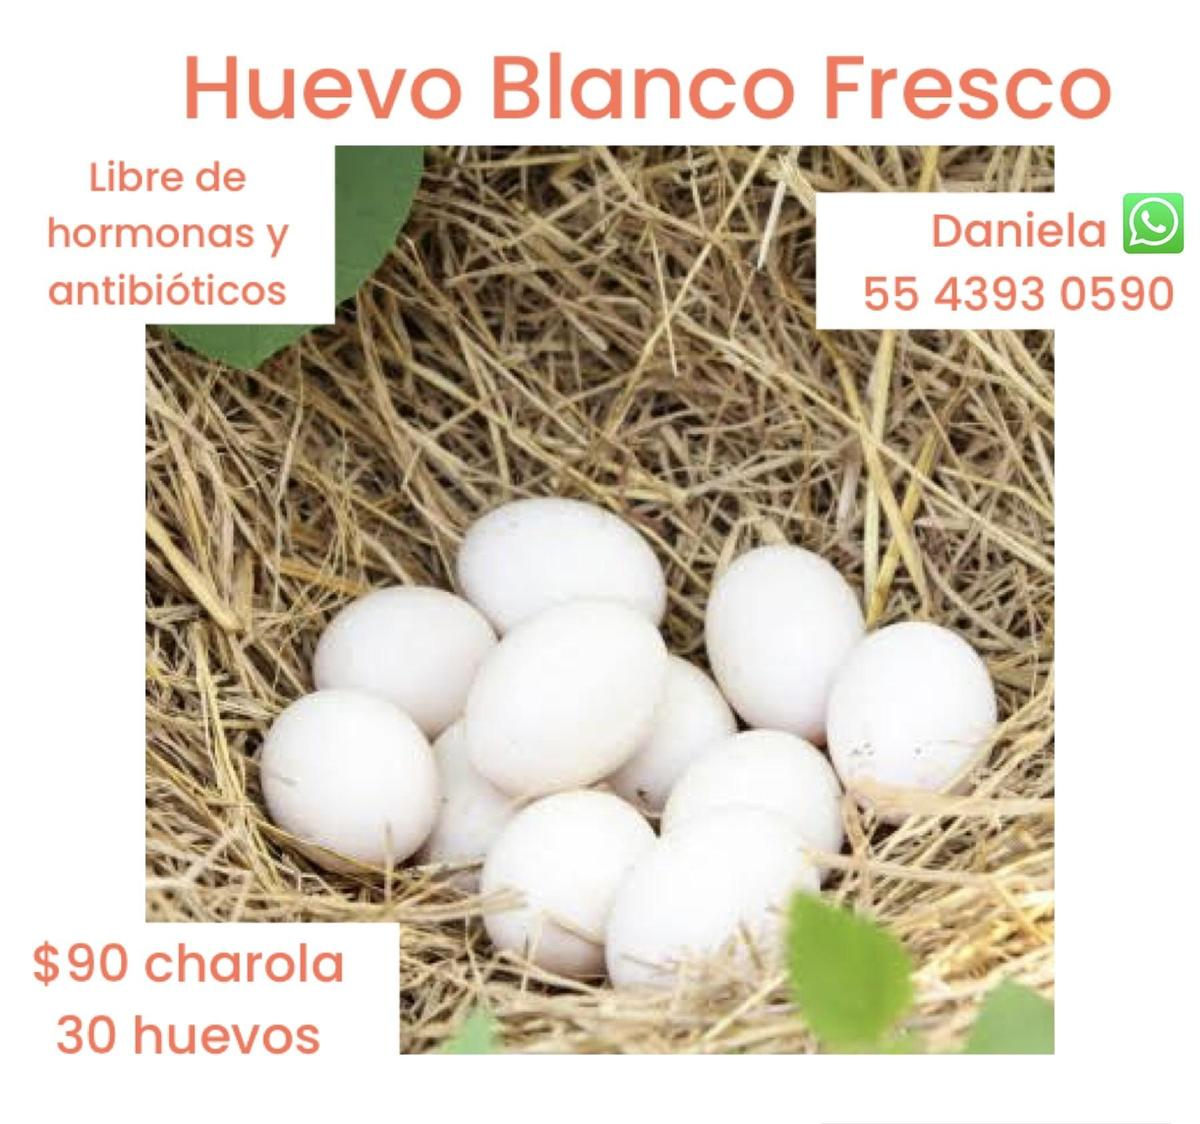 Huevo libre de hormonas